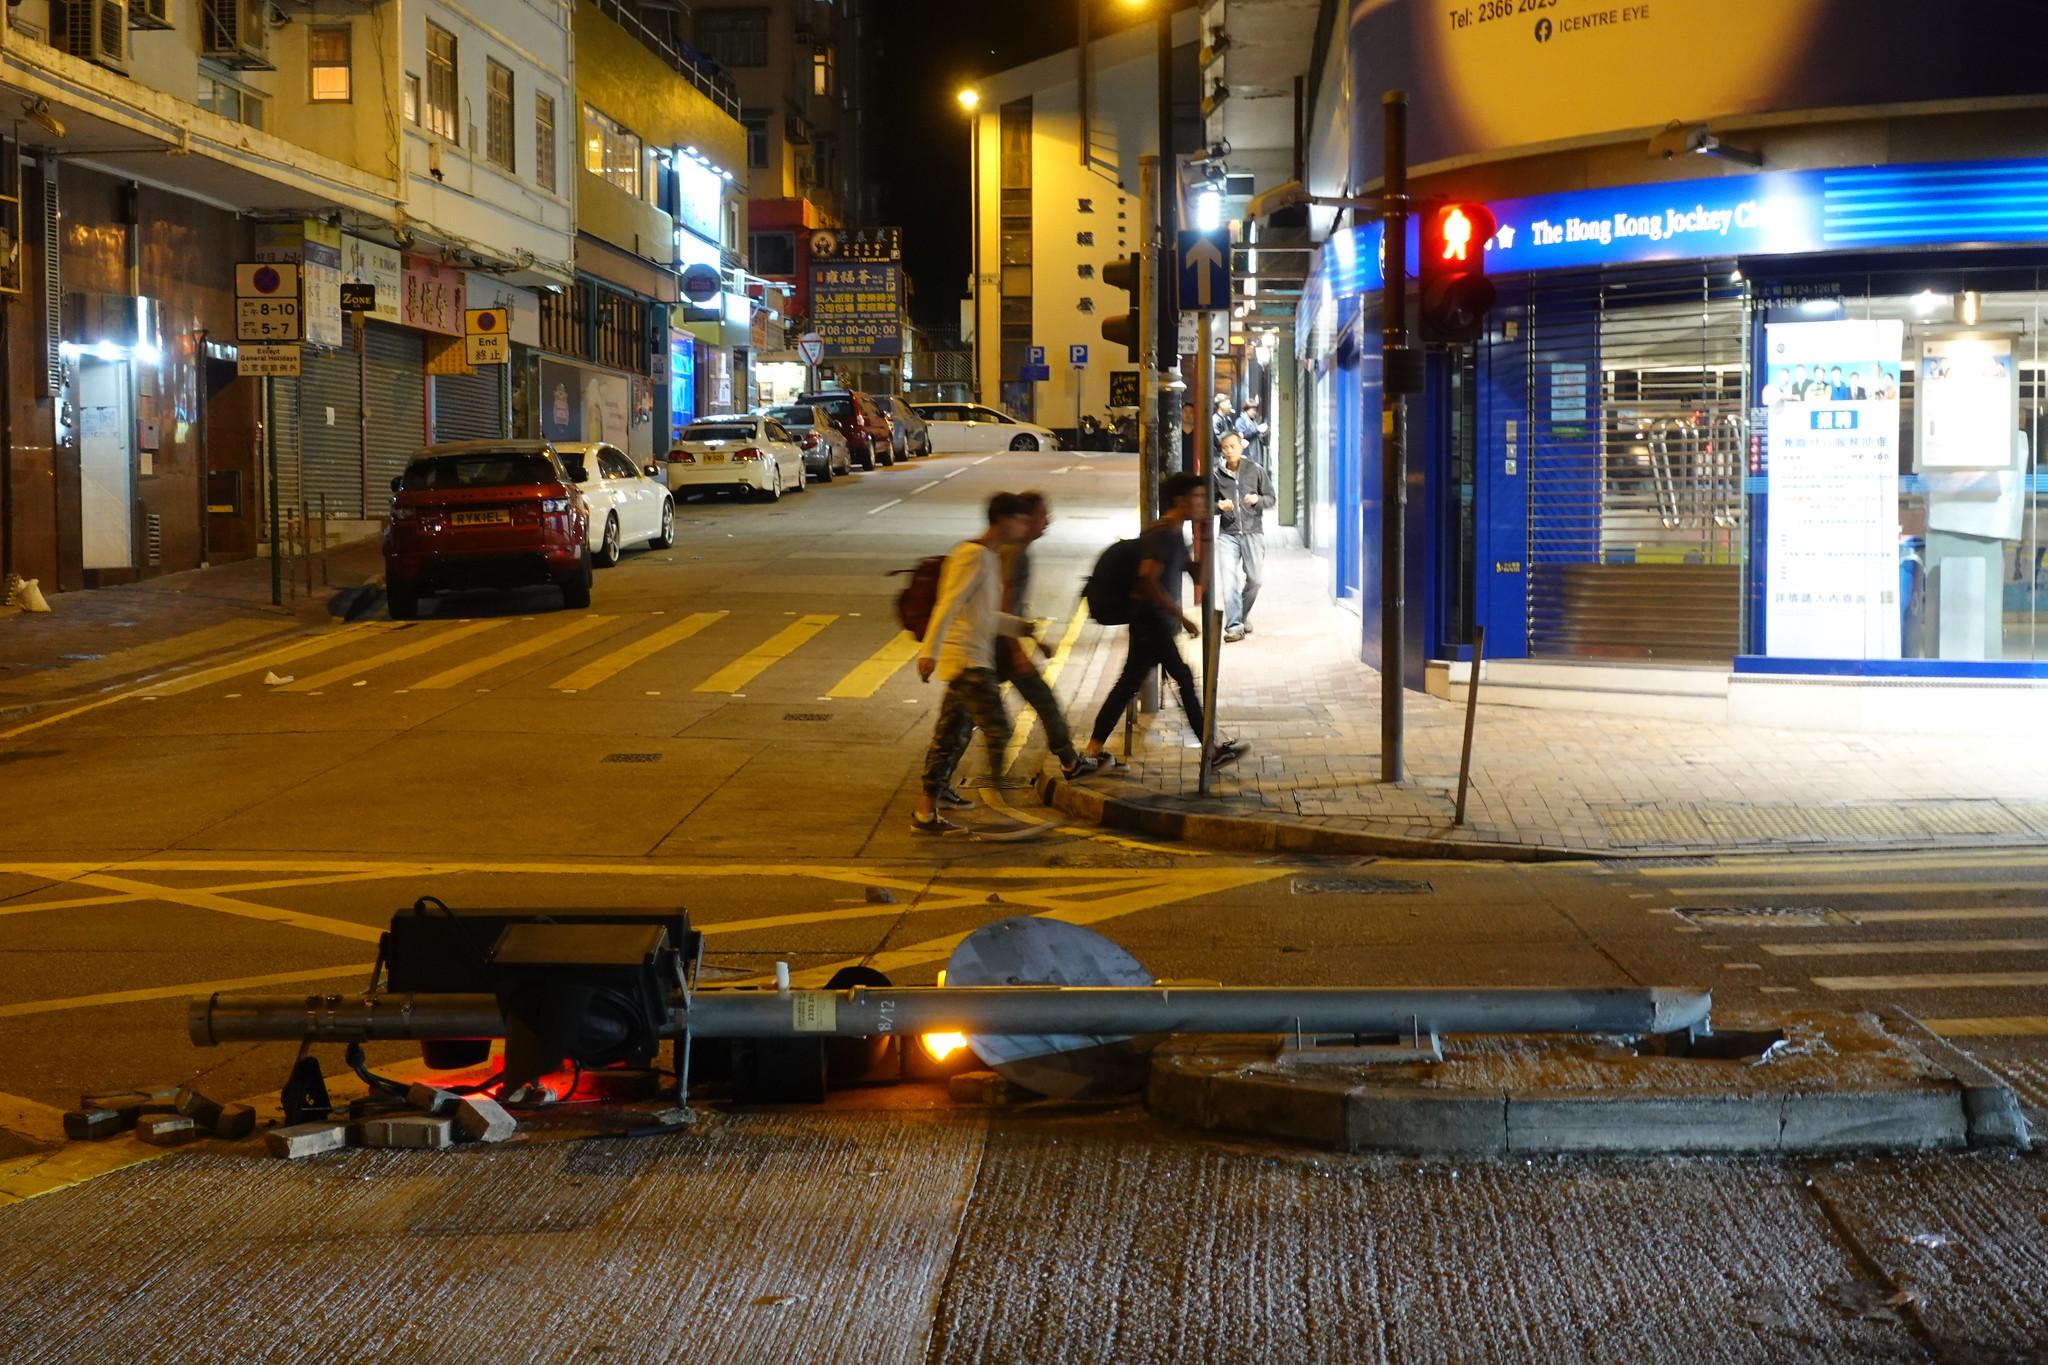 行人經過倒在馬路上的紅綠燈。(攝影:張智琦)